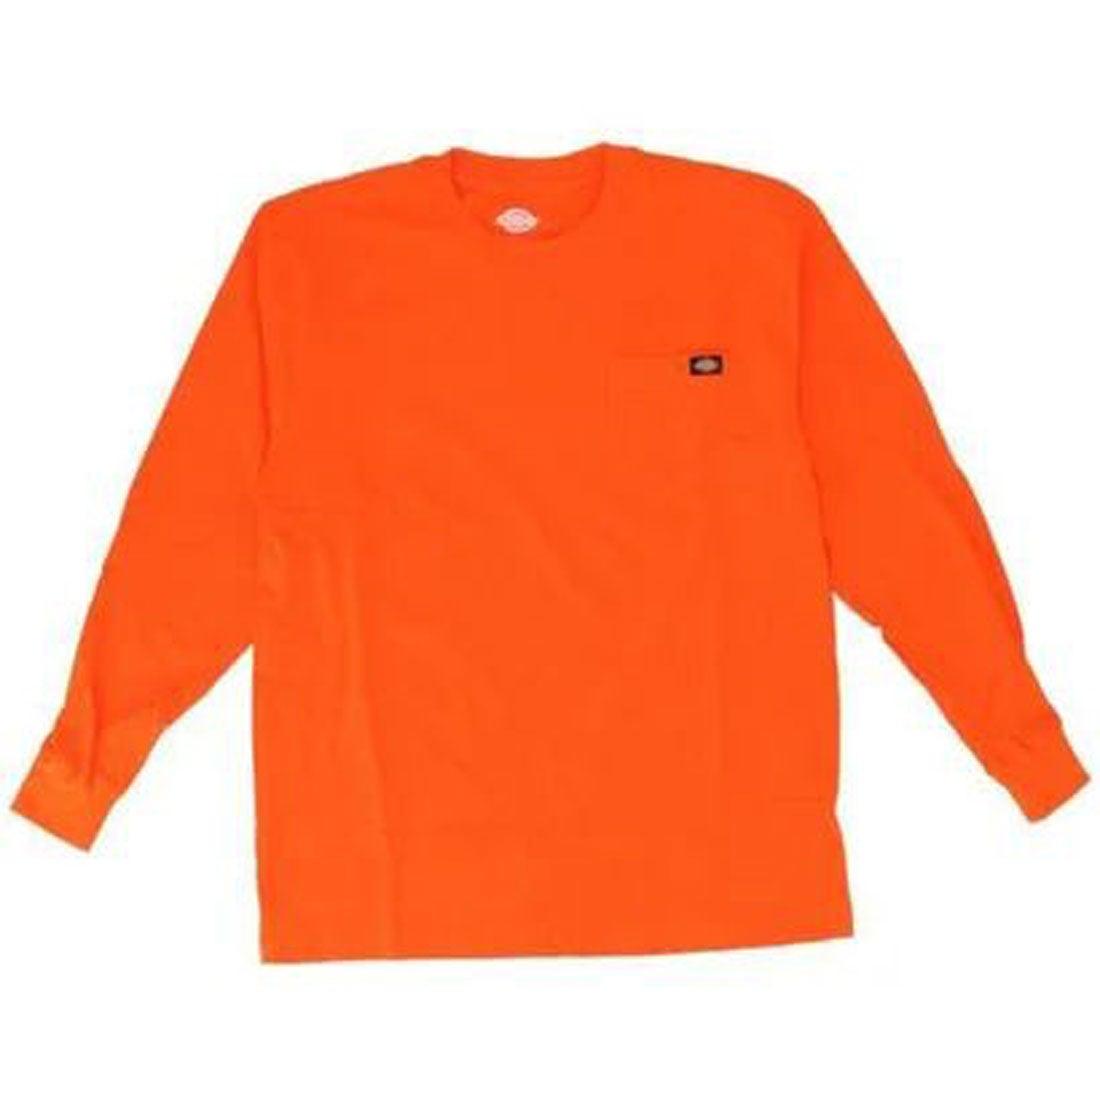 ロコンド 靴とファッションの通販サイトディッキーズ Dickies Dickies ディッキーズ WL450 LS HEAVYWEIGHT CREW NECK (OR. Orange)